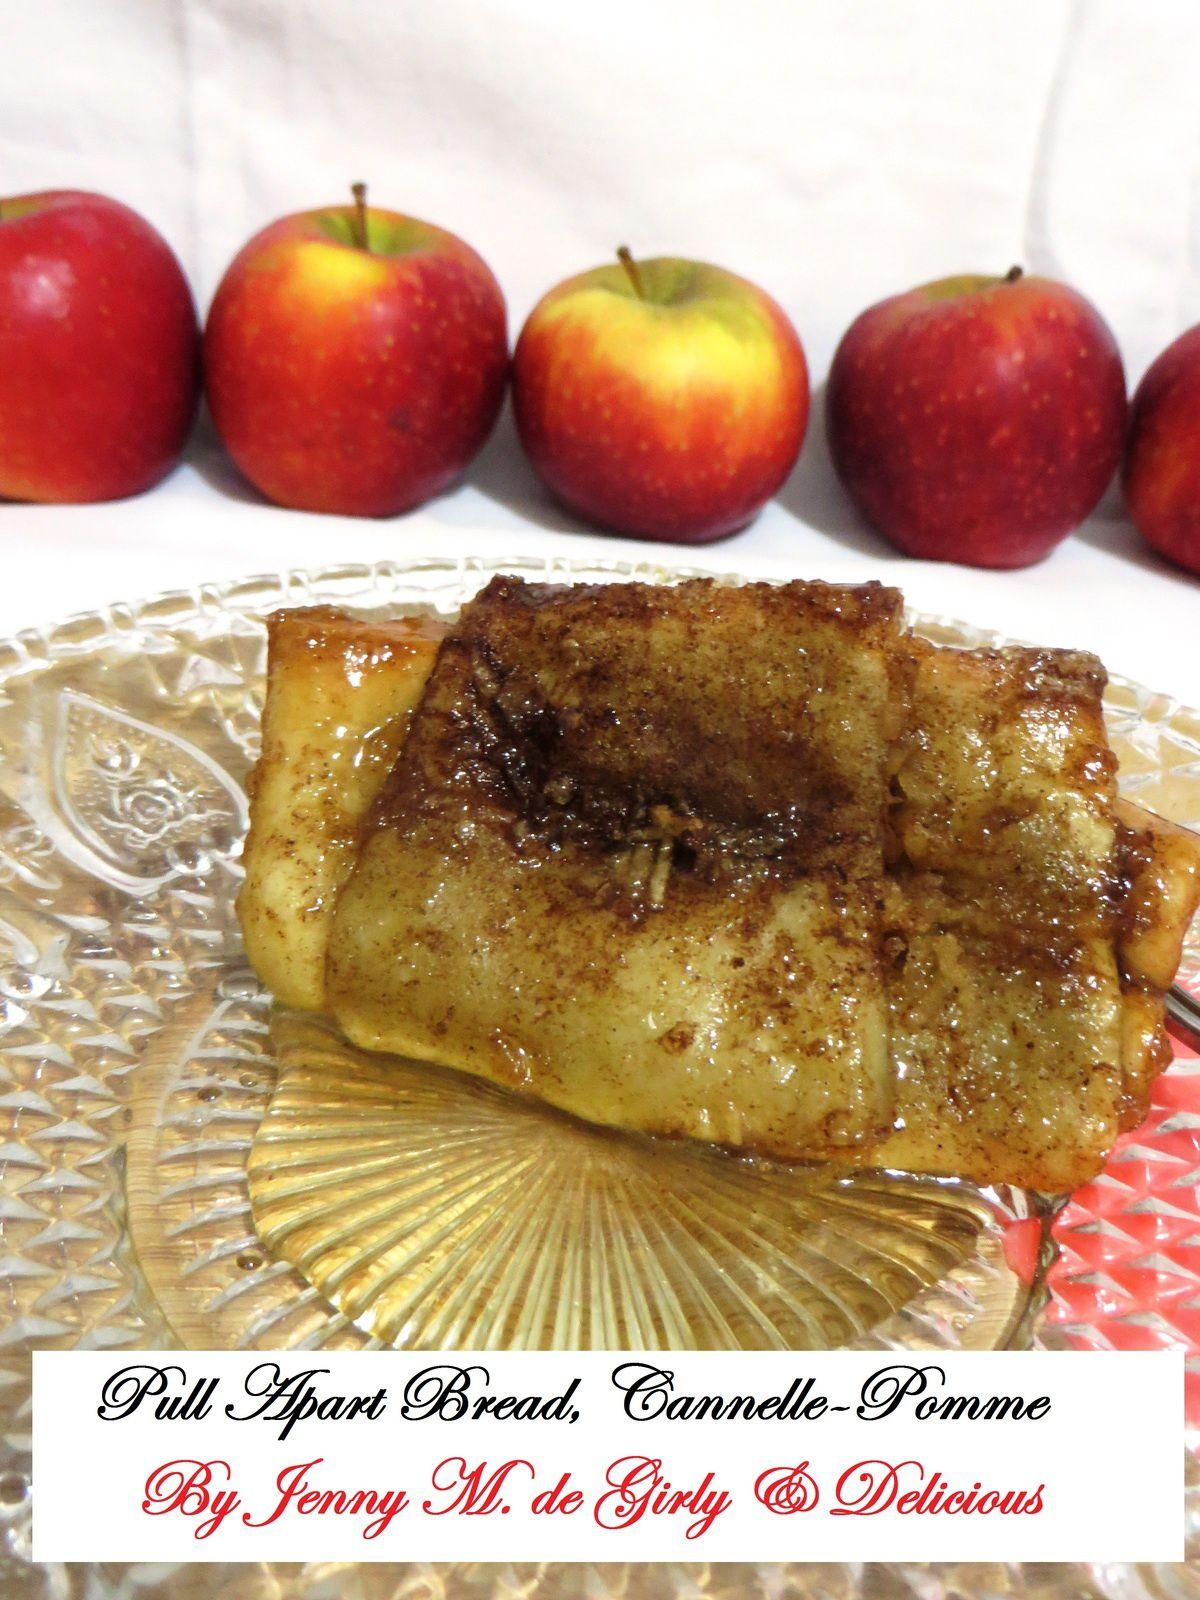 Apple ciannom Pull-Apart Bread ou Pain à effeuiller Cannelle-Pomme